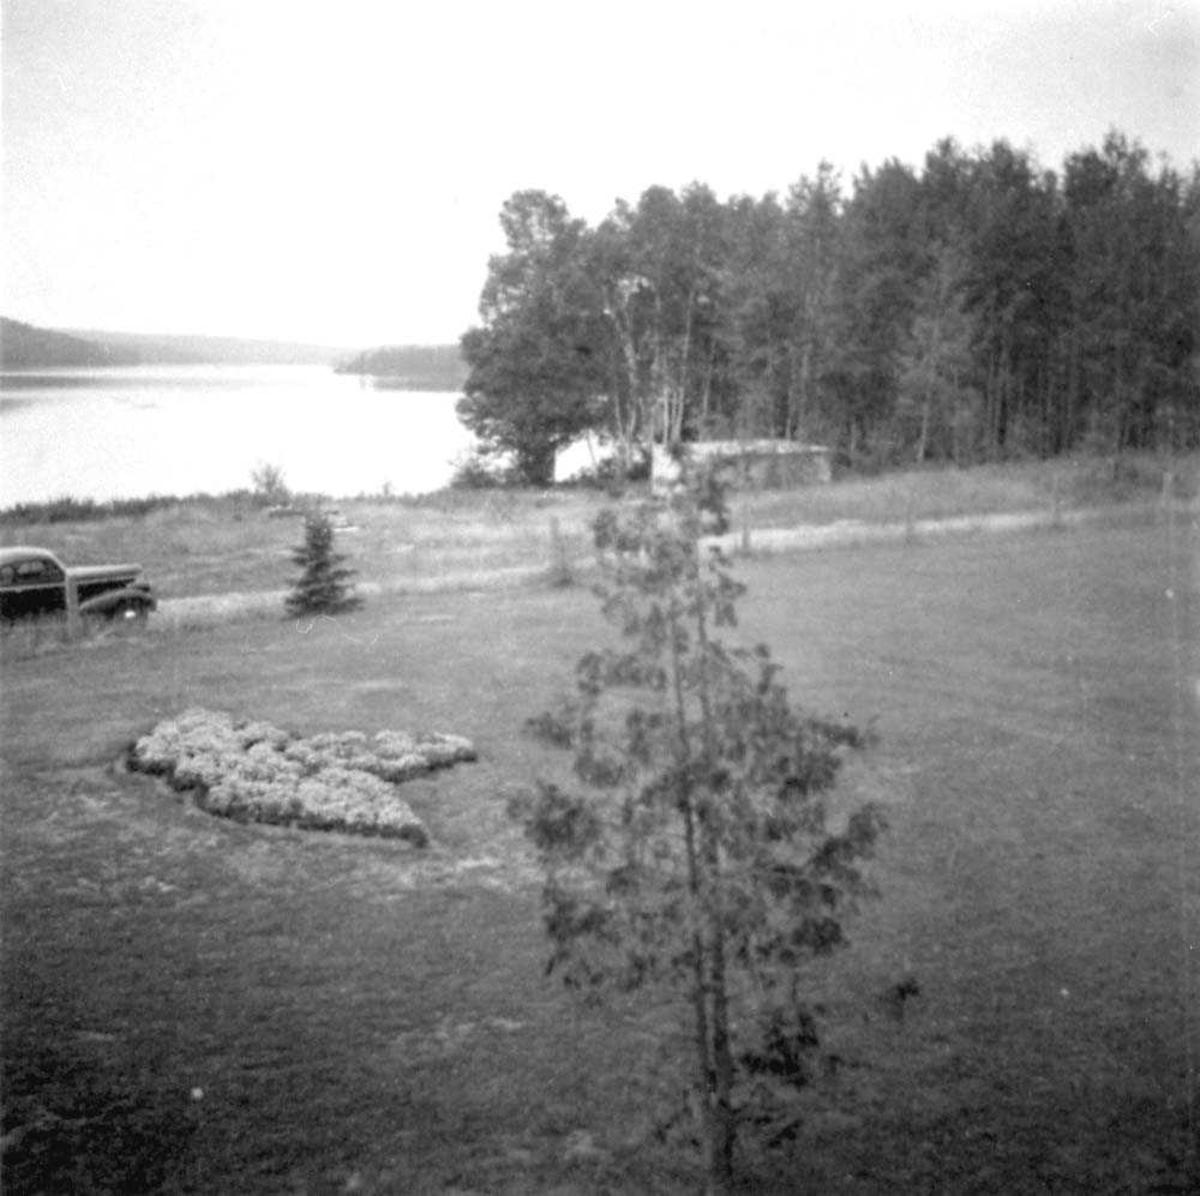 Åpen plass med vann og skog i bakgrunnen.